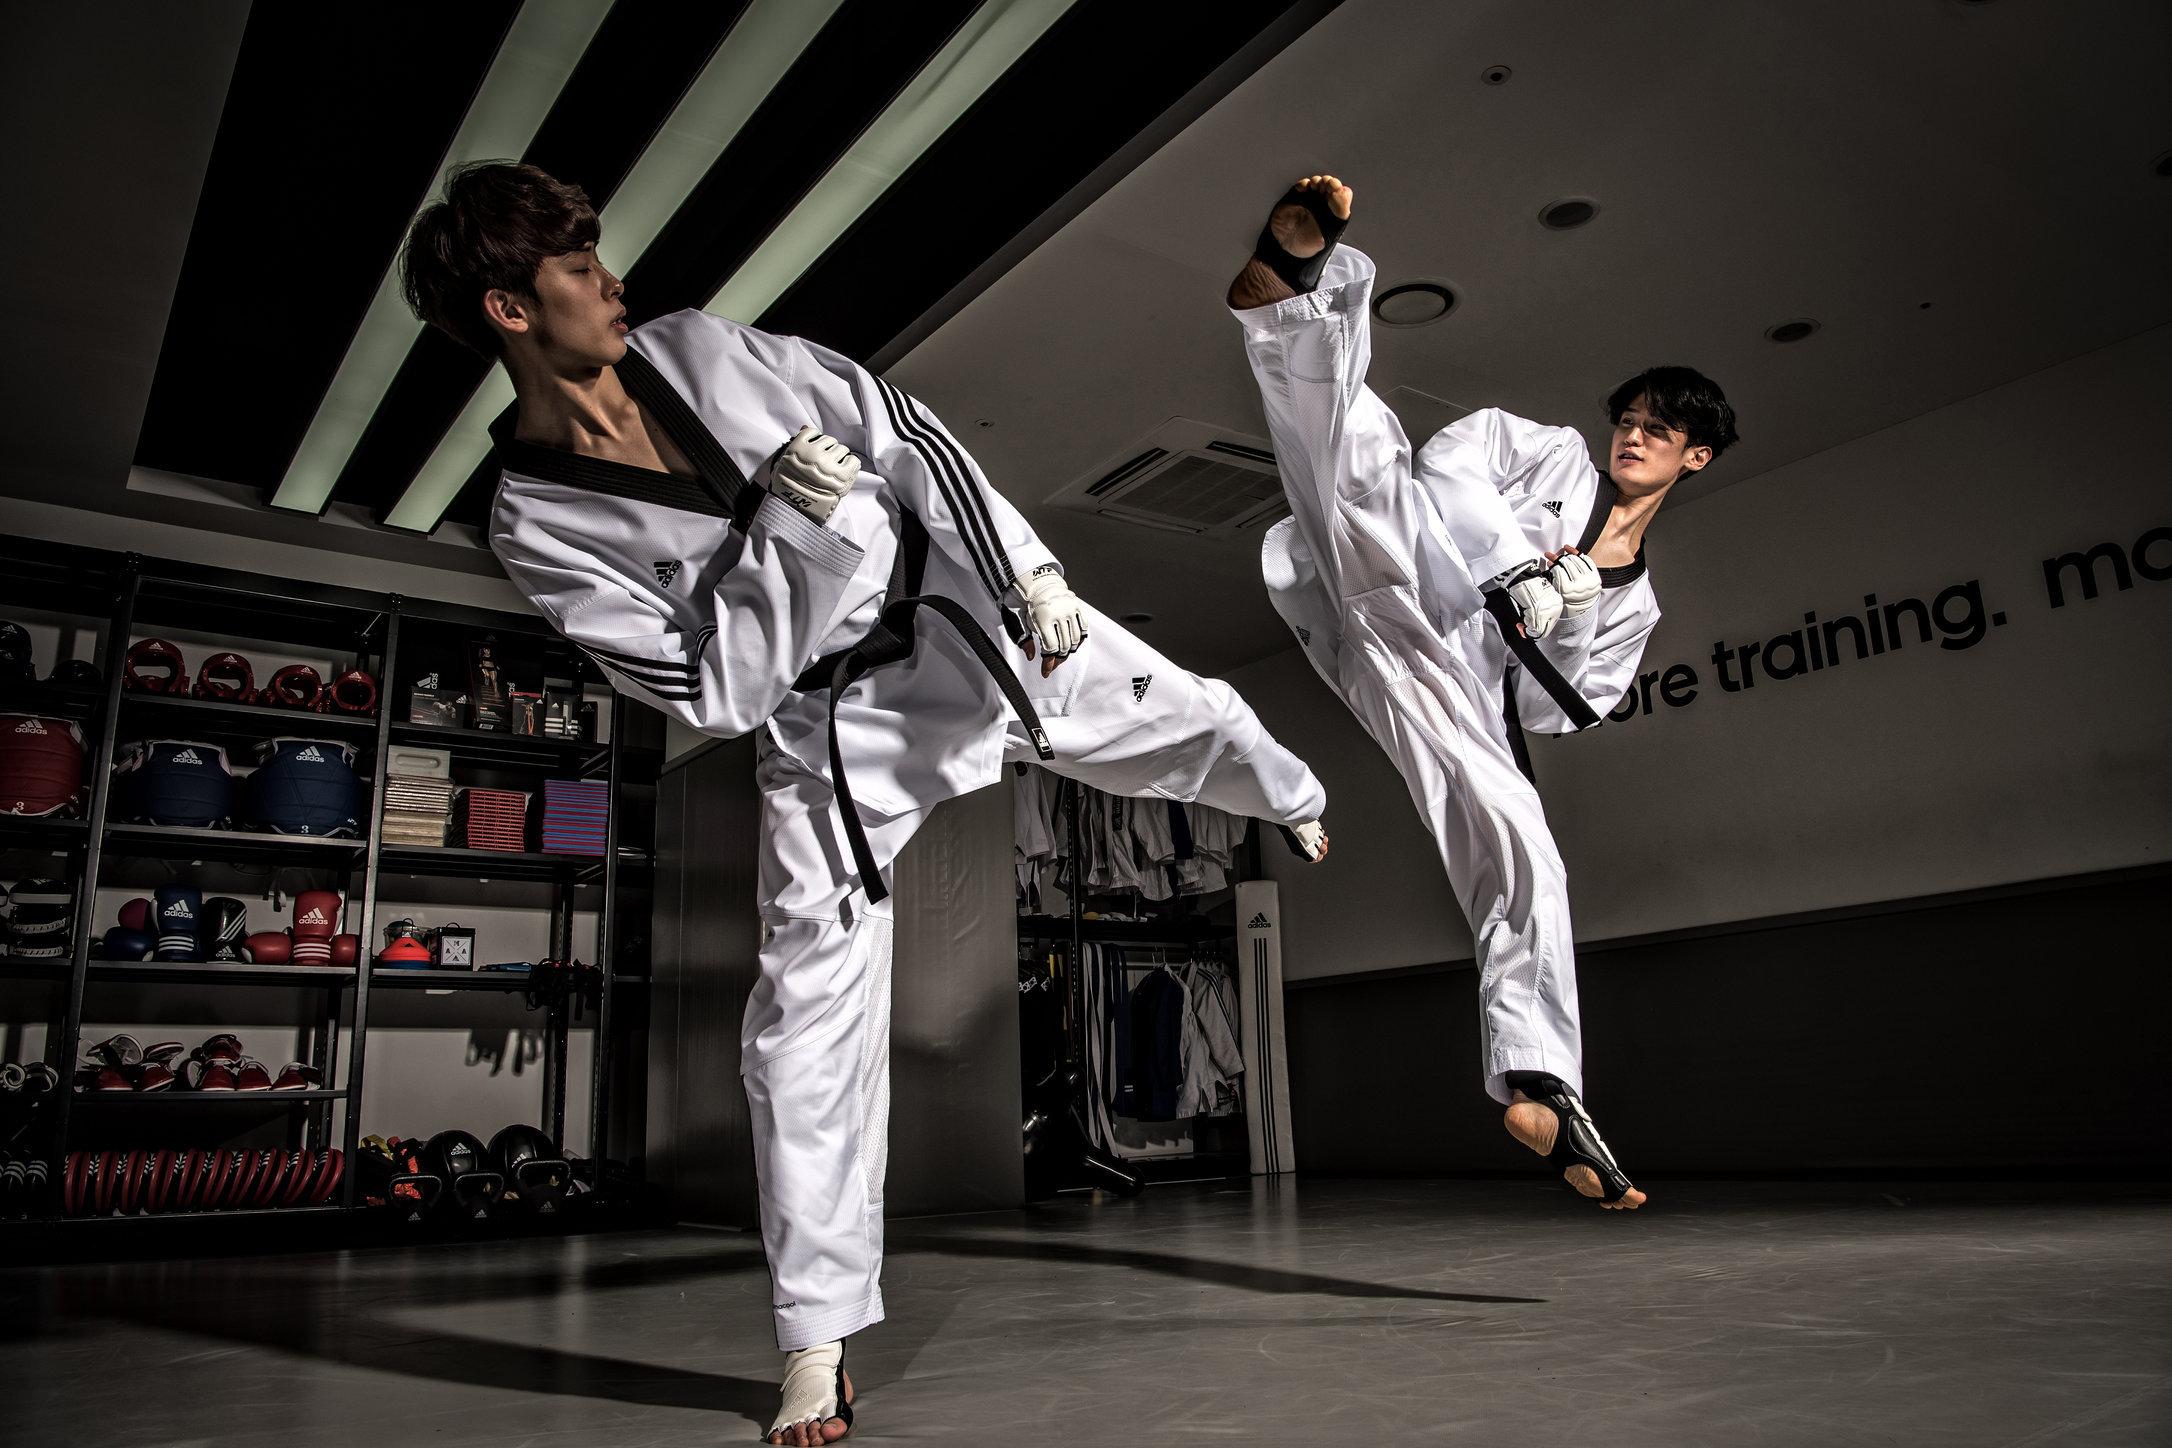 Taekwondo_026.jpg